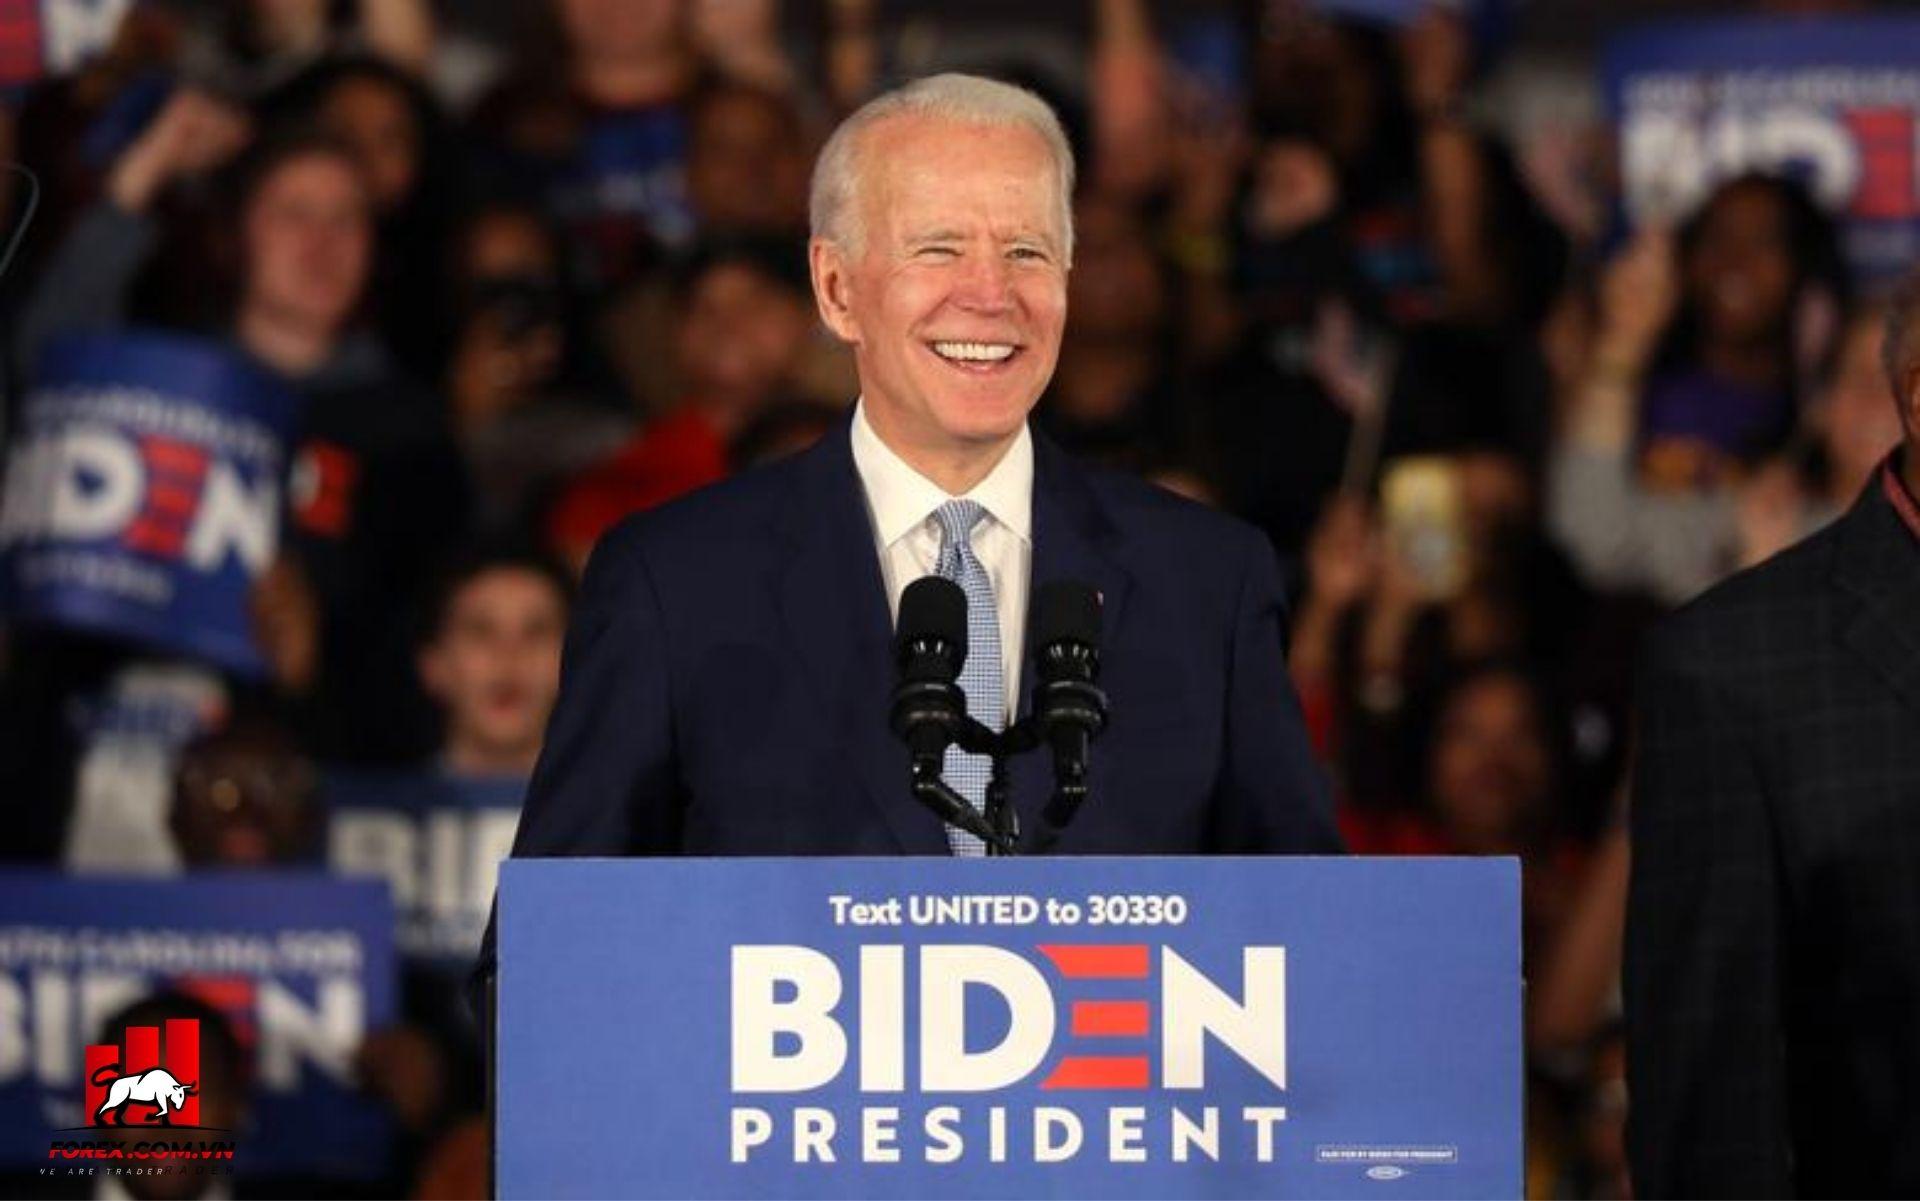 Joe Biden chiến thắng cuộc bầu cử Tổng thống Mỹ khiến đồng USD giảm giá